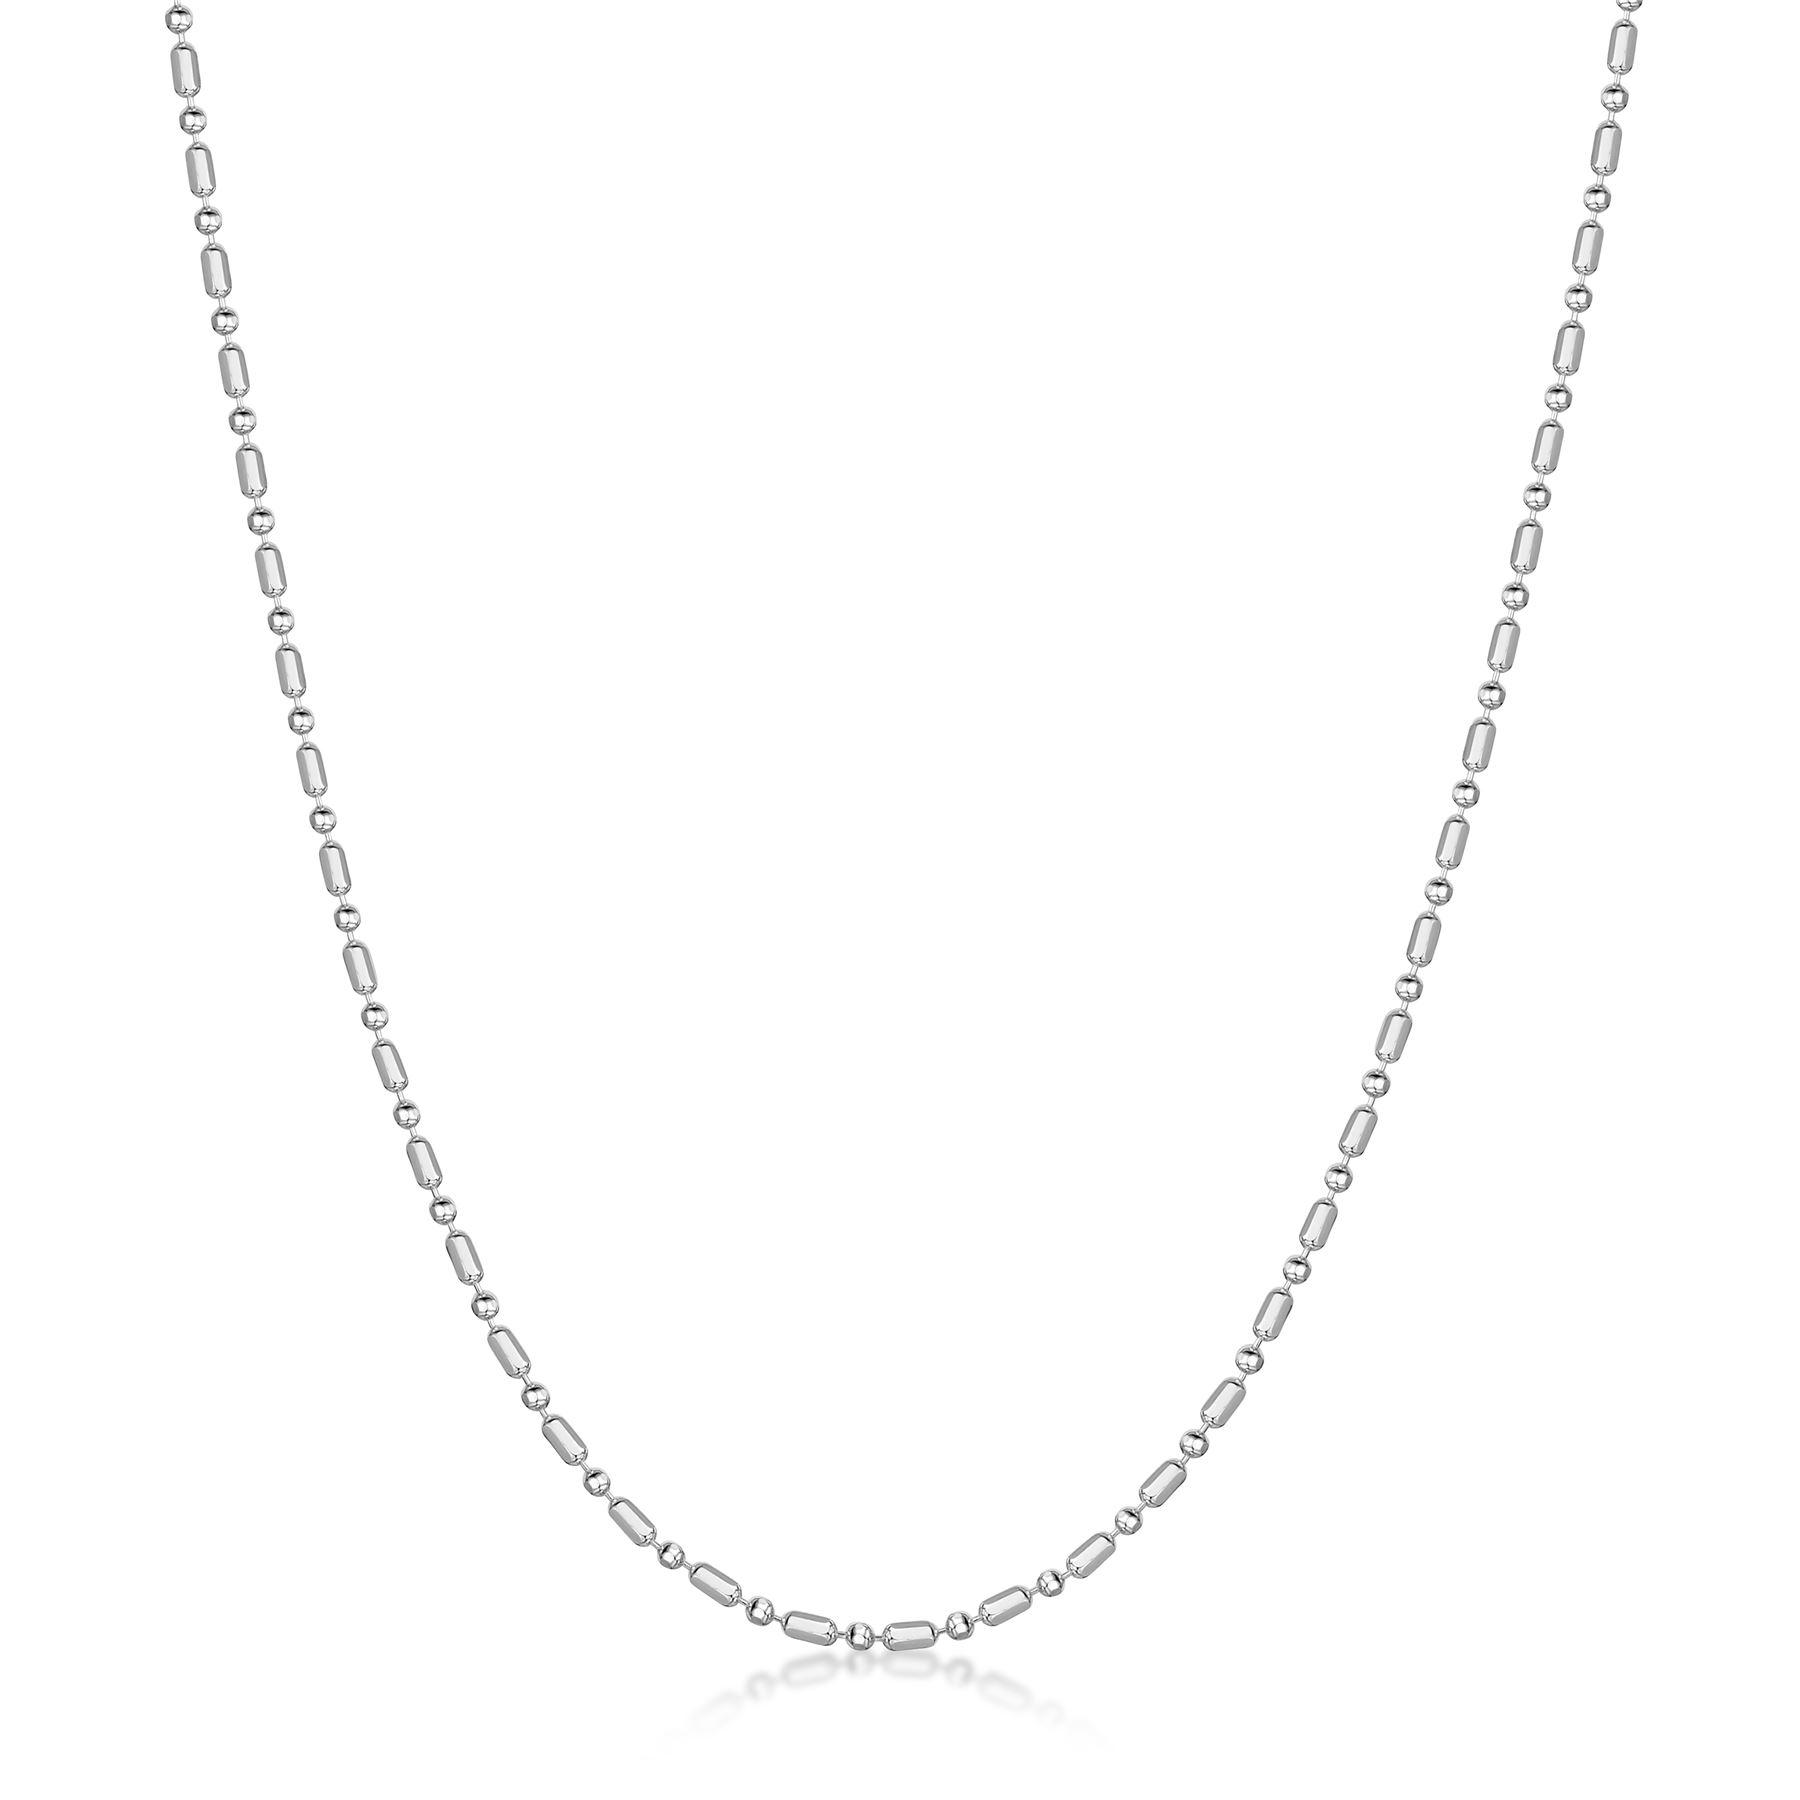 Amberta-Collar-en-Autentica-Plata-De-Ley-925-Cadena-de-Bola-Elegante-para-Mujer miniatura 9